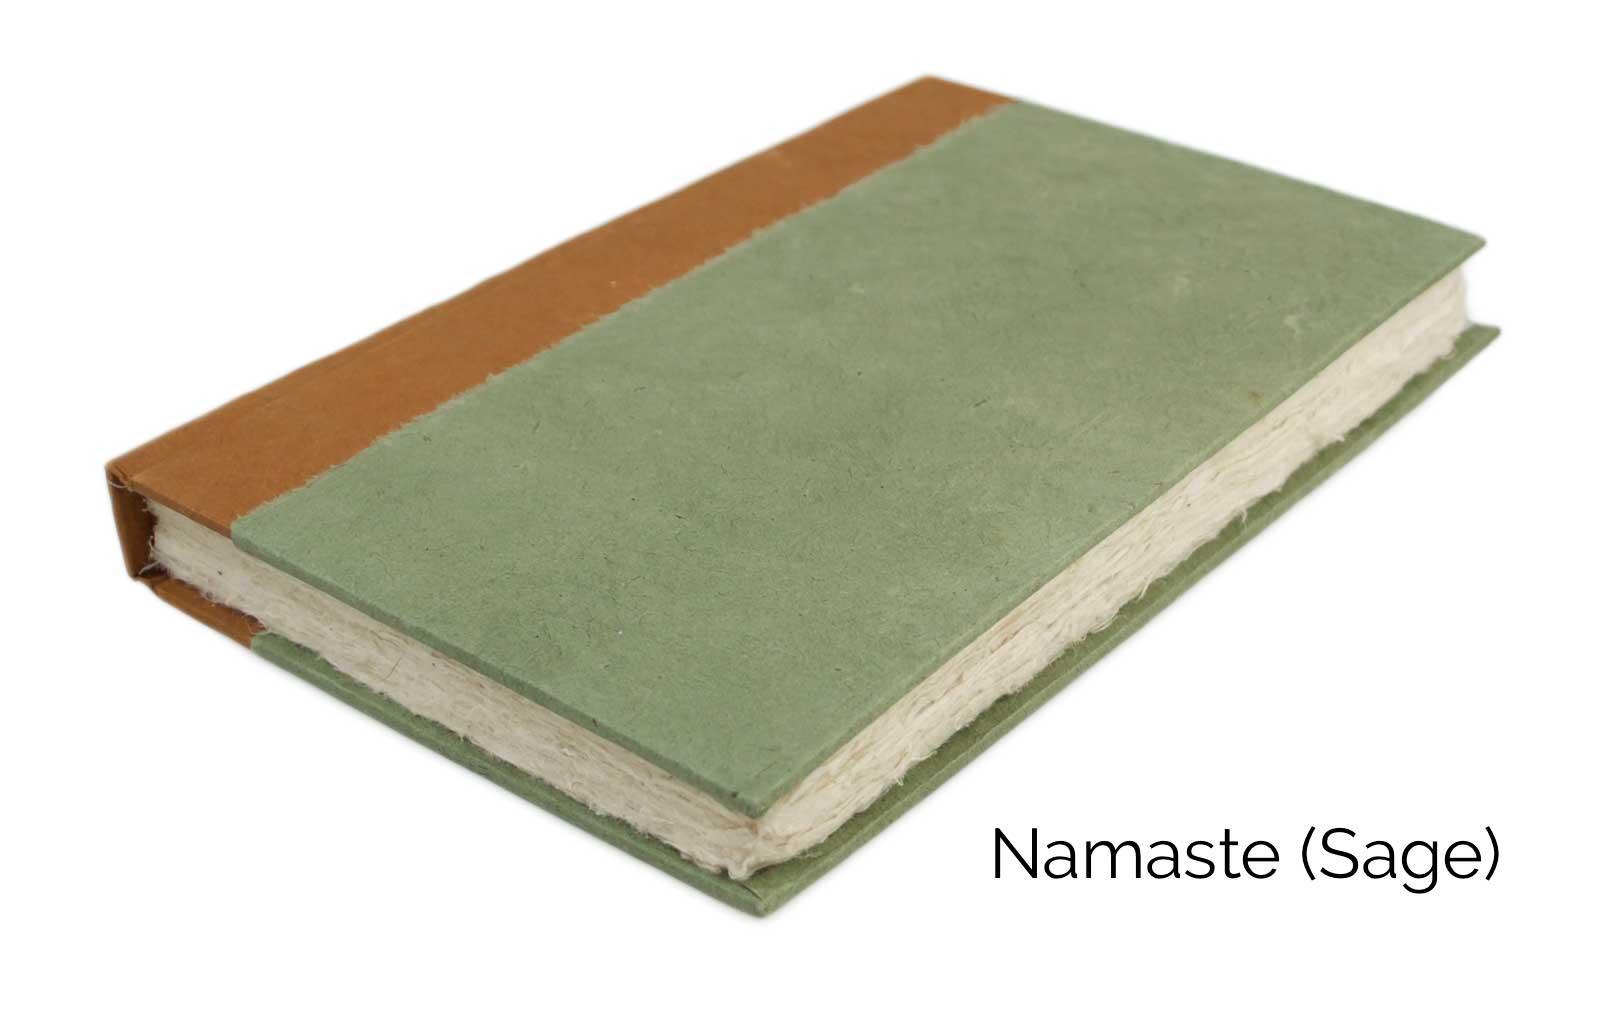 Nepali Namaste Handmade Writing Amp Travel Journal From